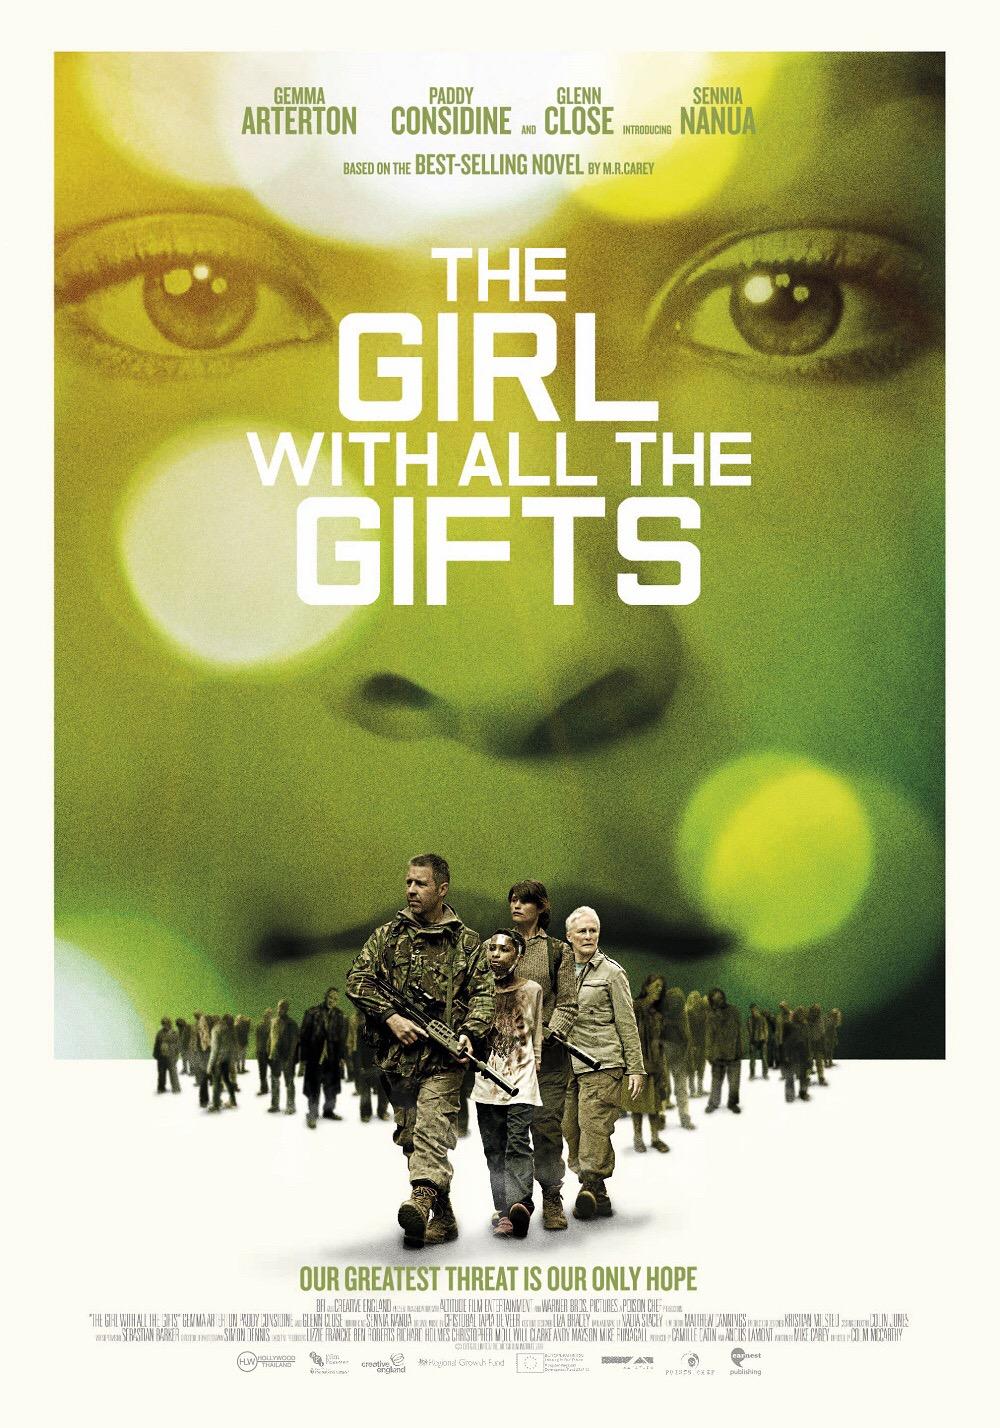 """""""The Girl with All the Gifts เชื้อนรกล้างซอมบี้""""สร้างจากนิยายขายดีของ เอ็ม อาร์.แครี่ย์"""